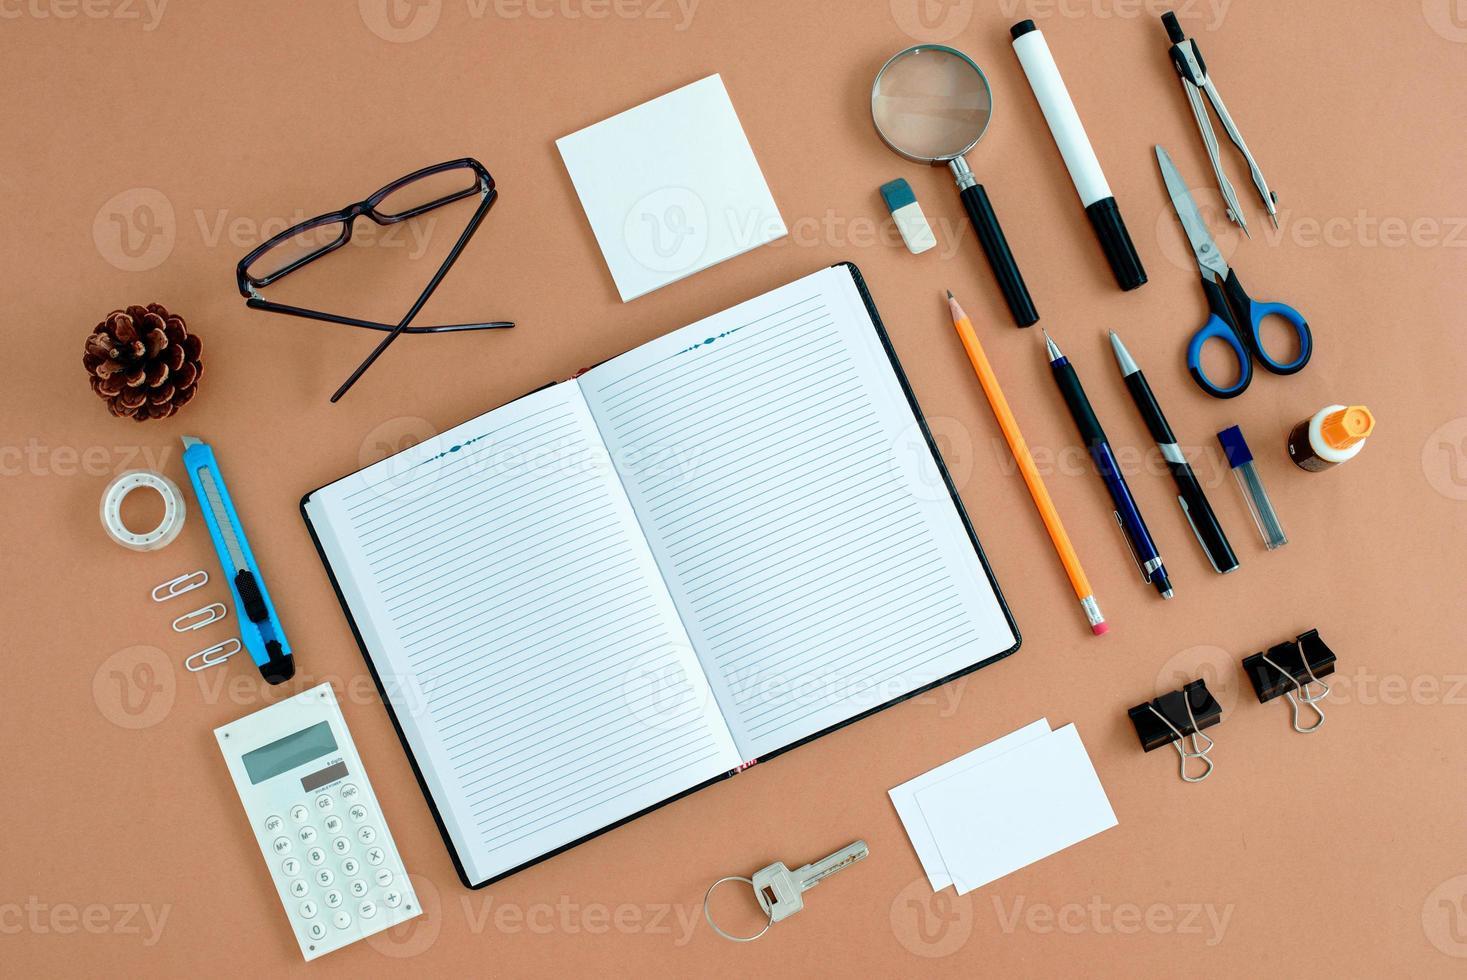 kontorstillbehör snyggt organiserade runt anteckningsboken foto